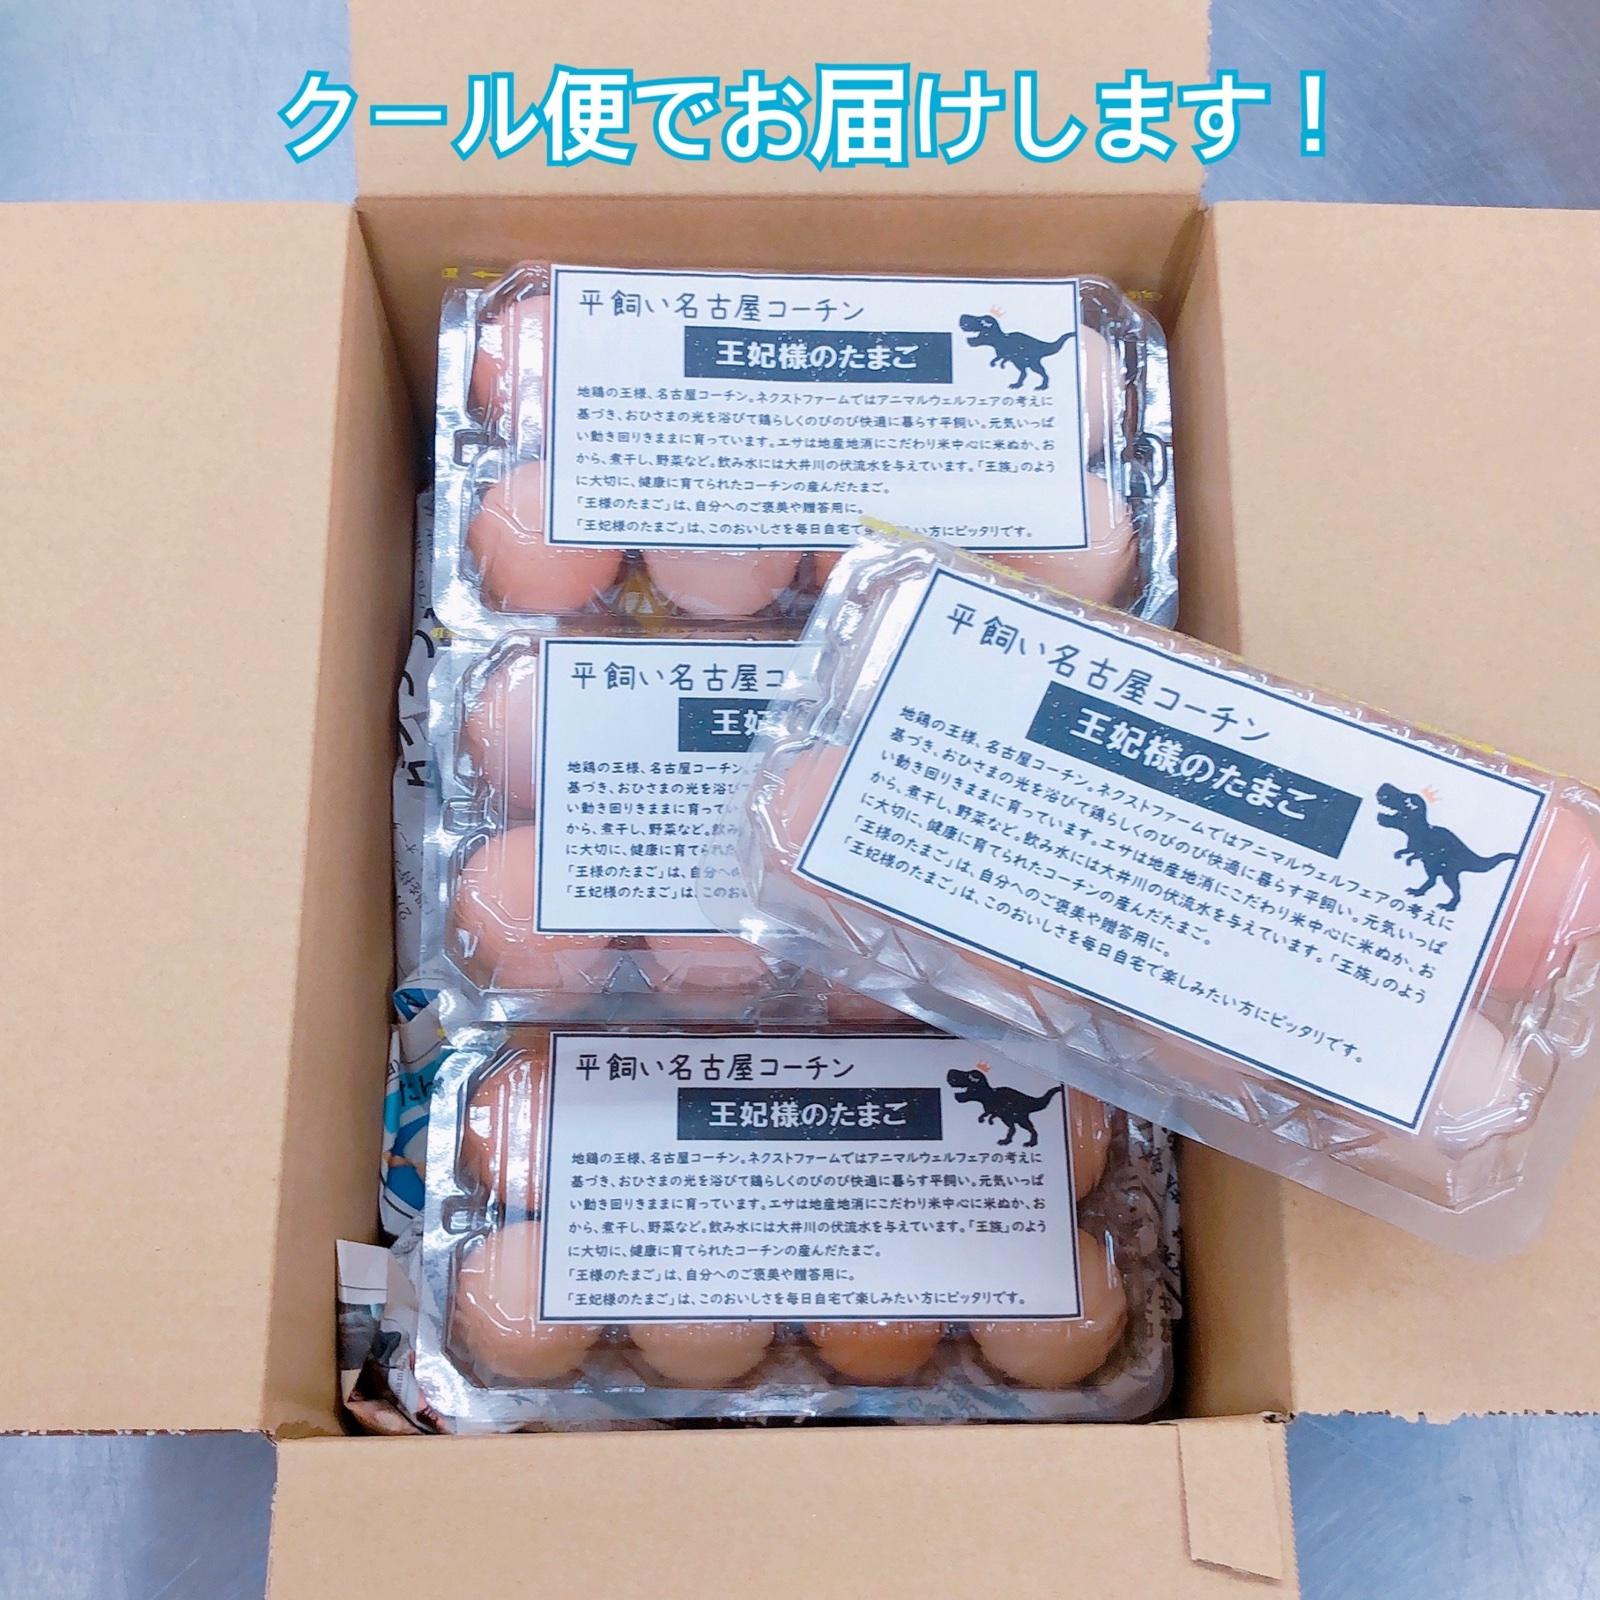 王妃様のたまご 8個入り×6p | 卵/鶏卵 OWL(アウル)農家から直接野菜 ...